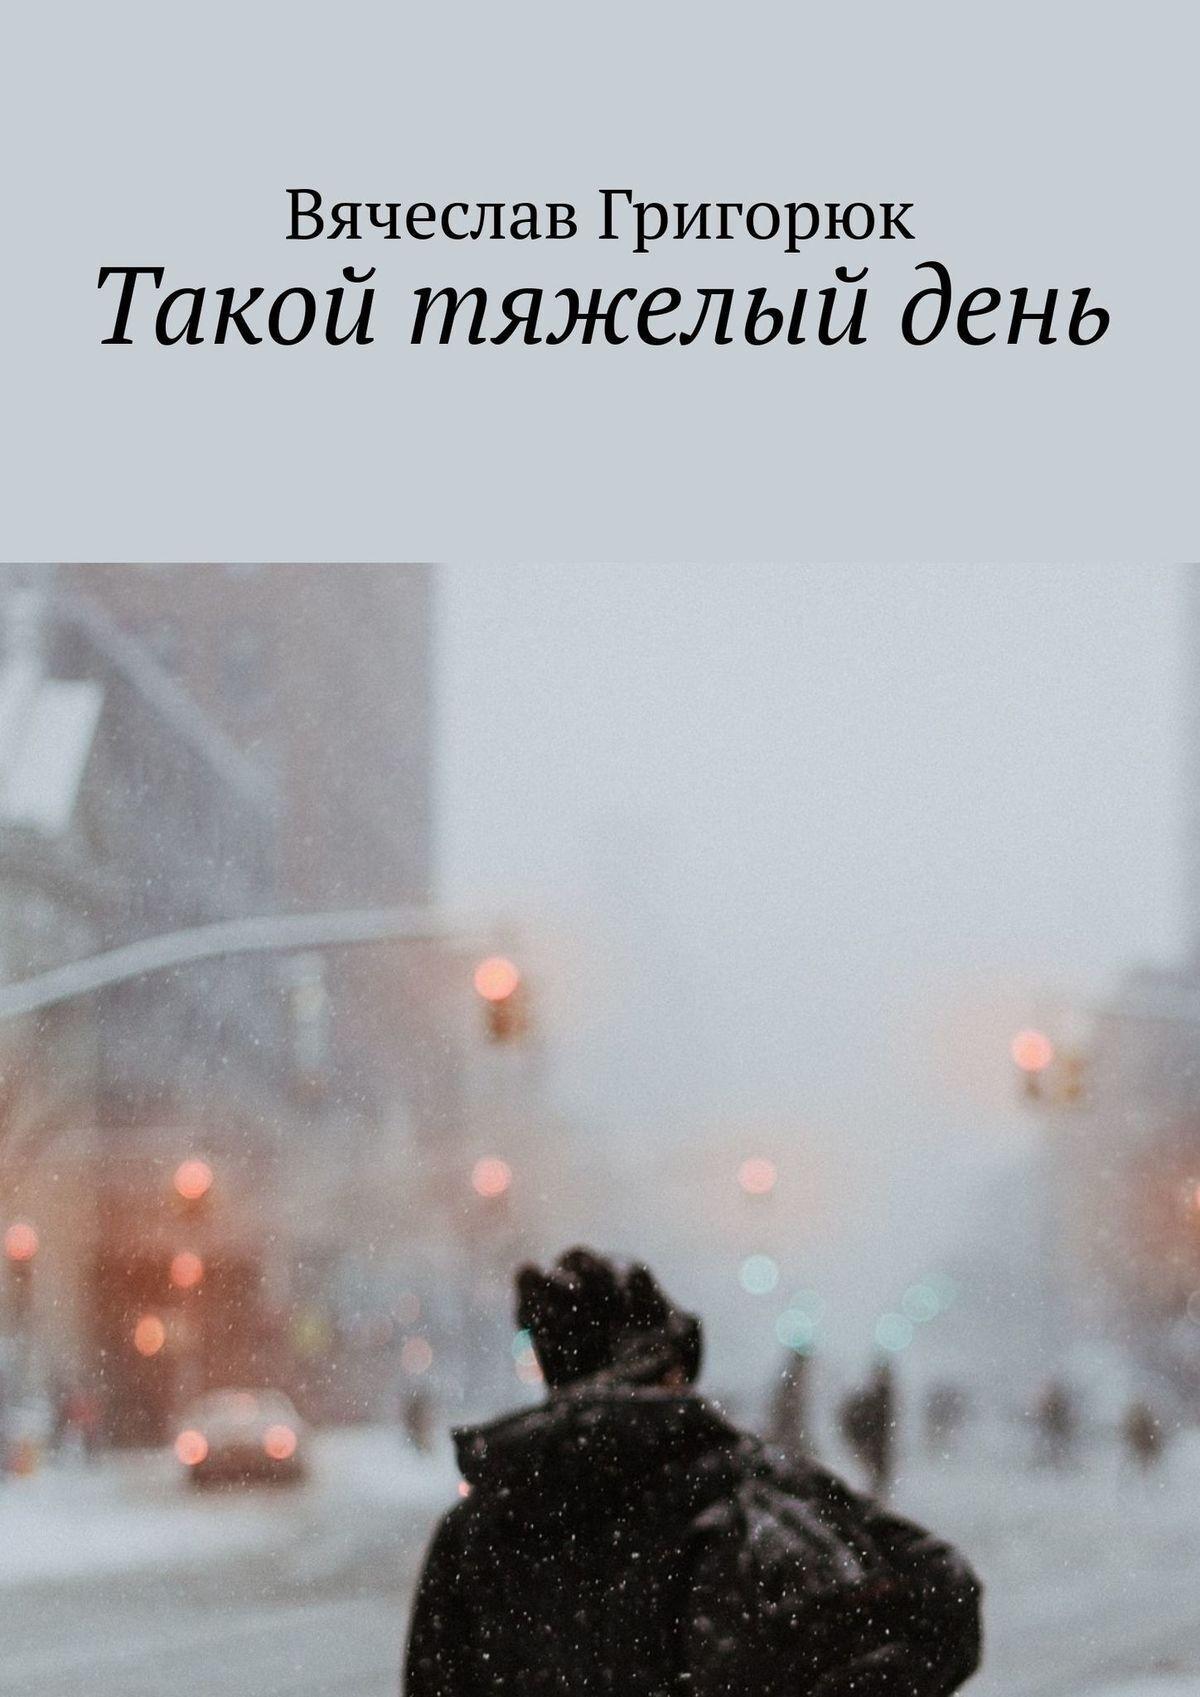 Вячеслав Сергеевич Григорюк Такой тяжелый день